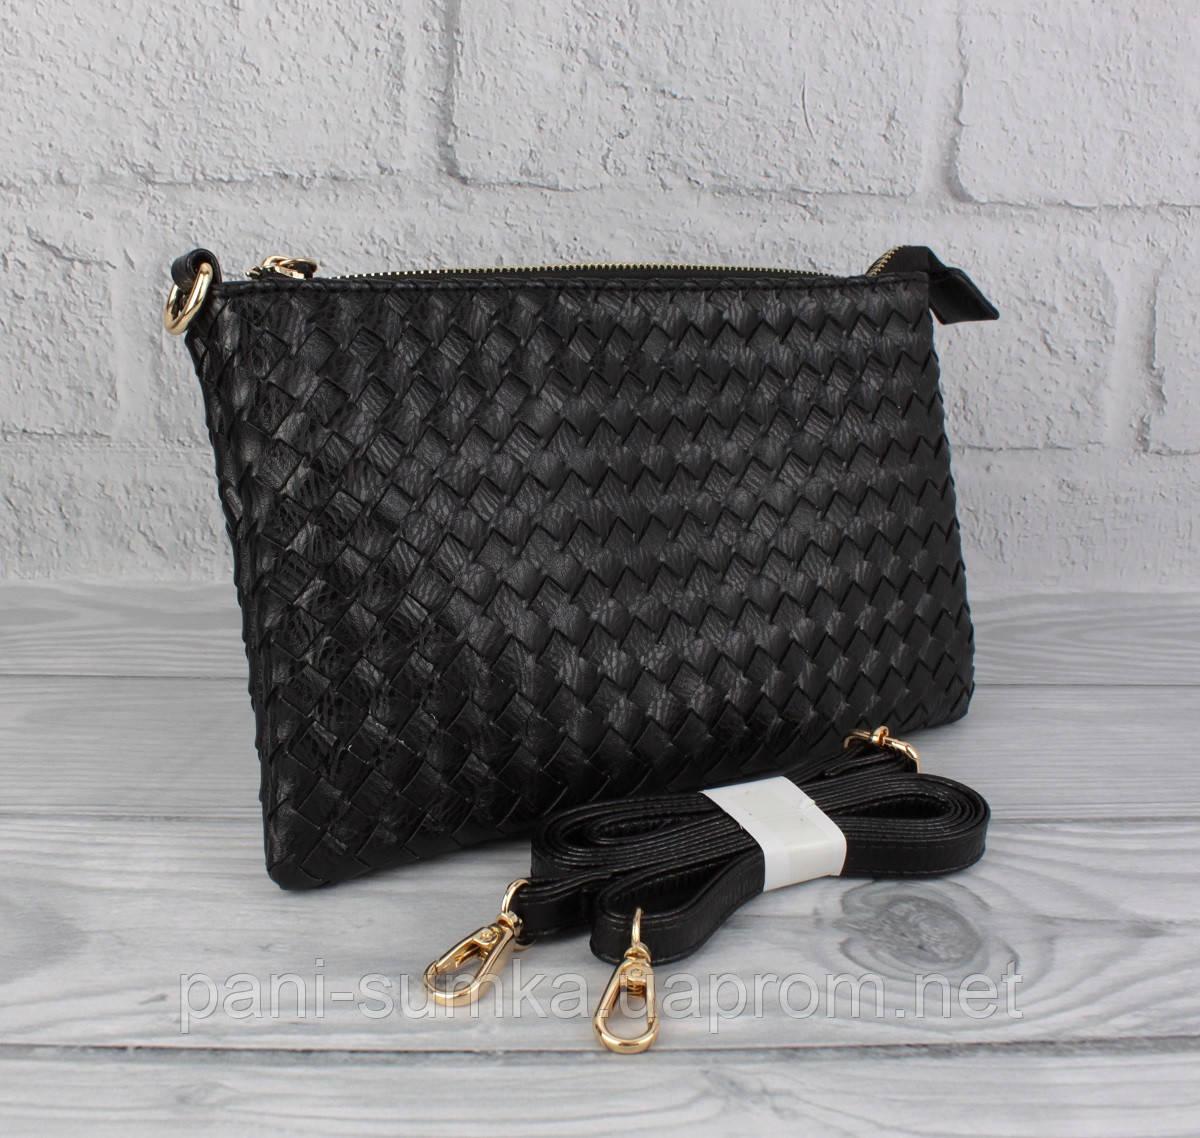 Клатч, сумочка через плечо Valensiy 619-1 черная